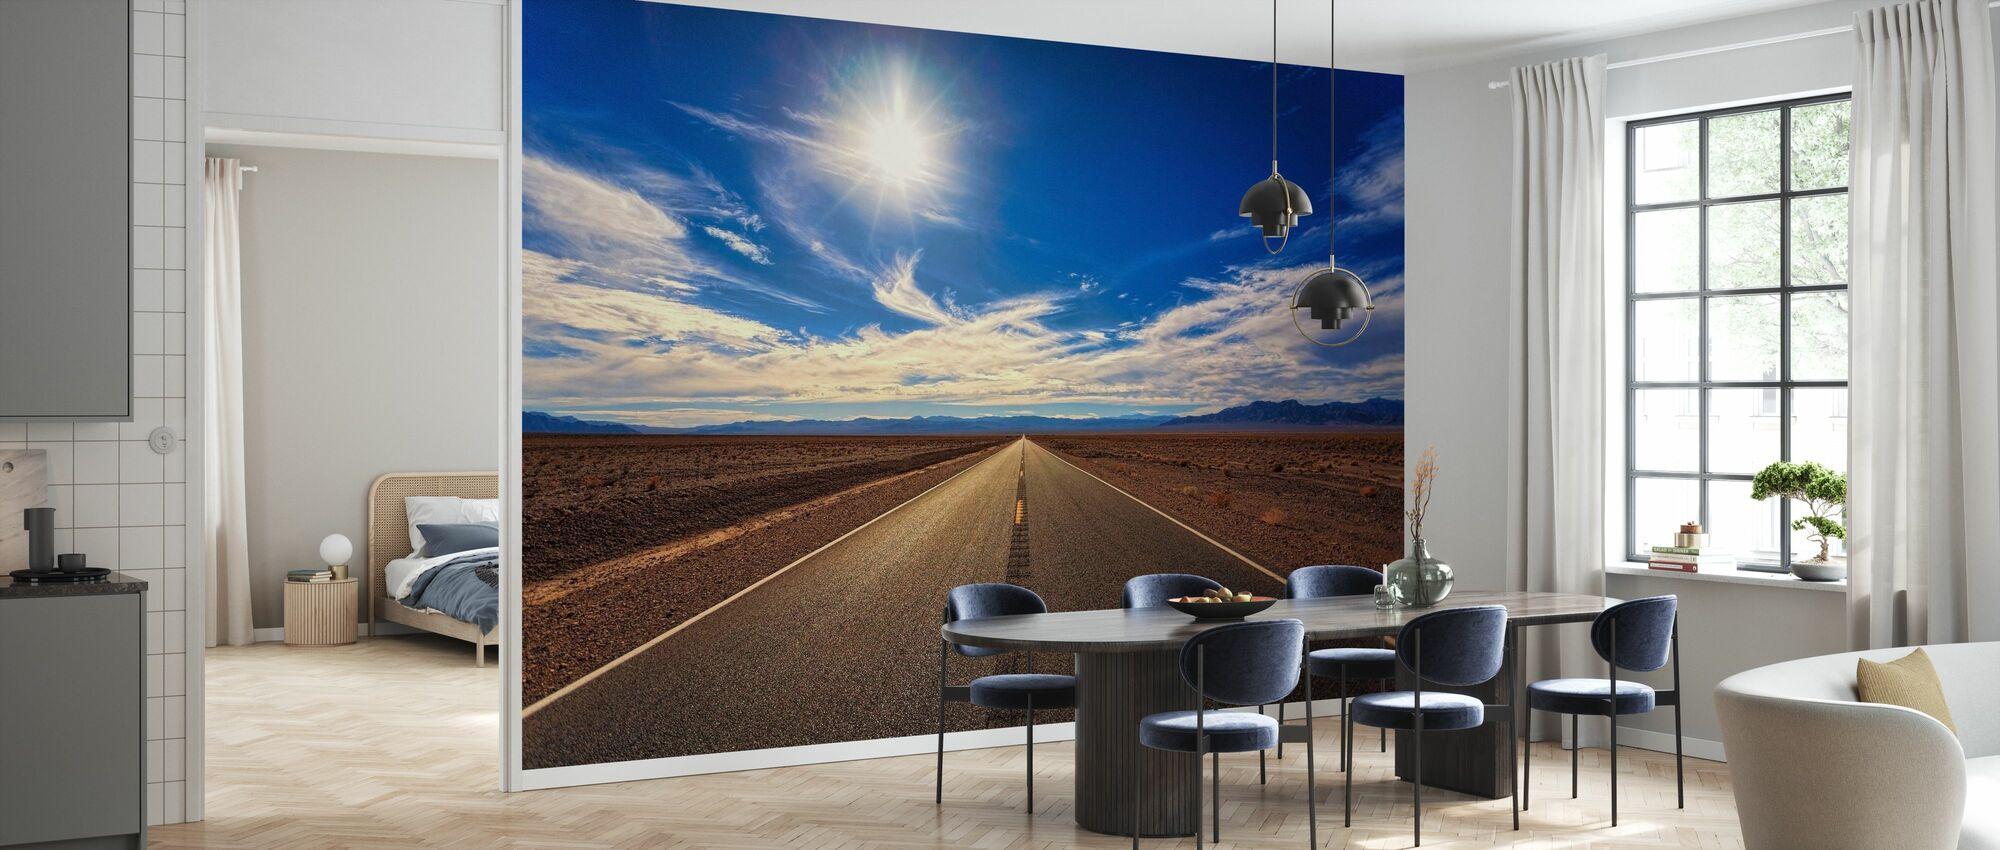 Ørkenvei - Tapet - Kjøkken